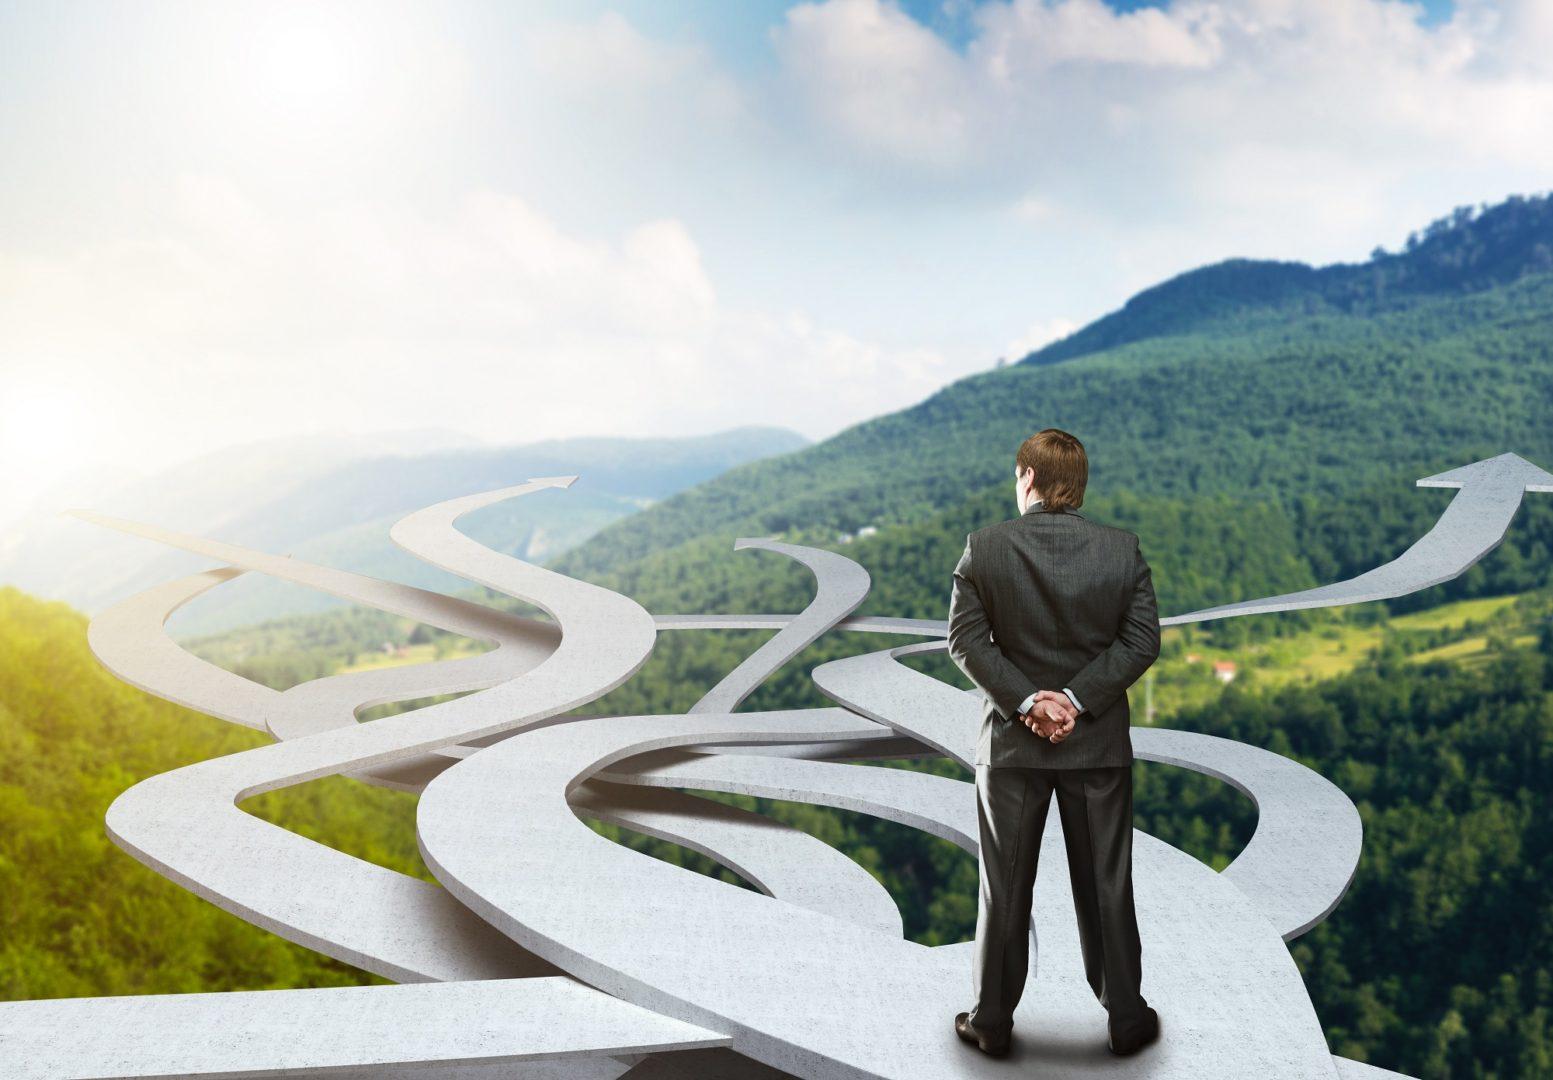 http://stepsoft.info/wp-content/uploads/2019/08/Businessman-choosing-his-way.jpg